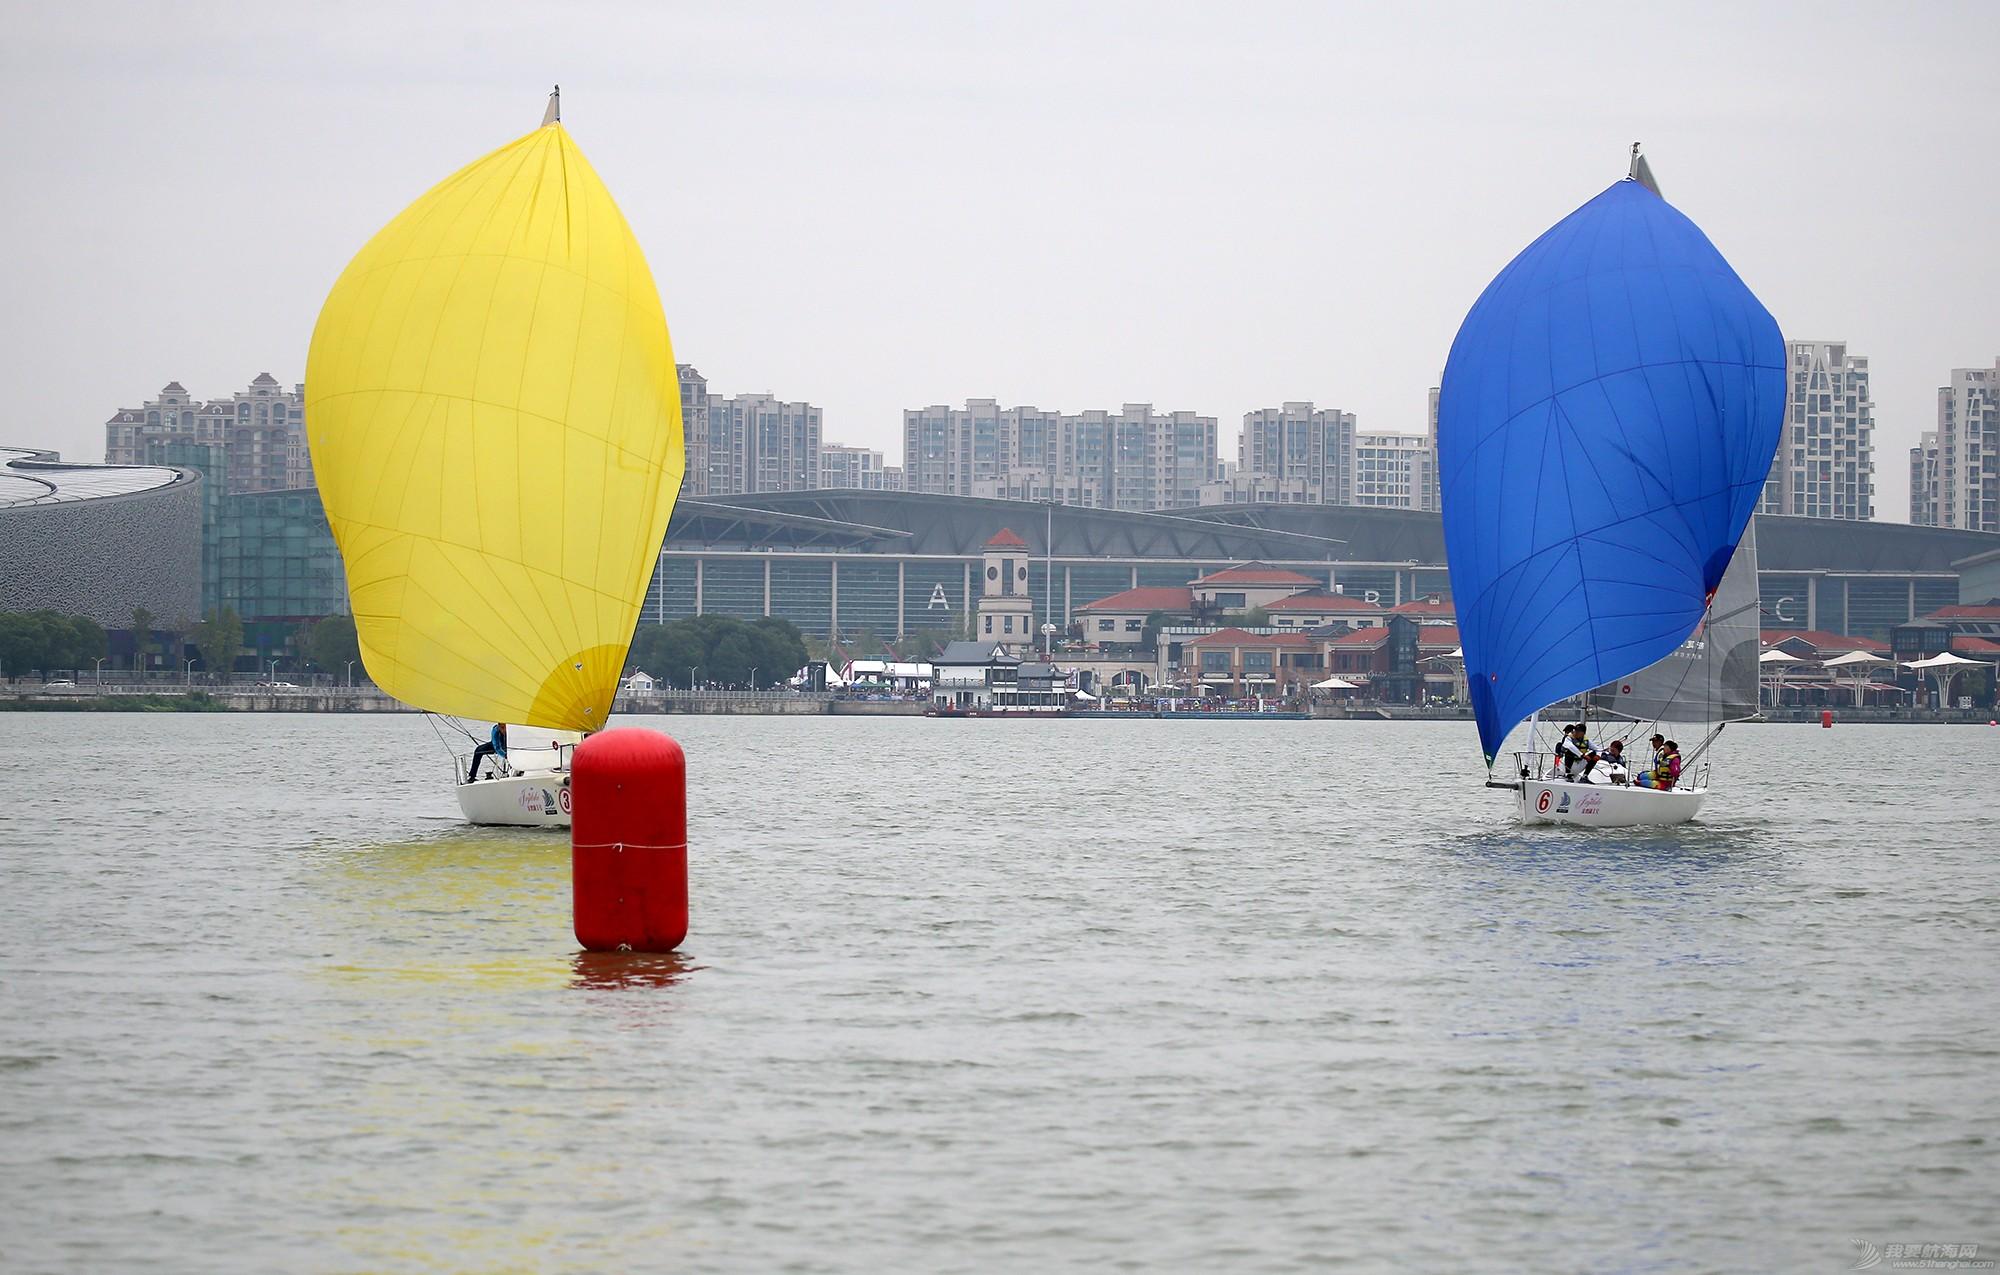 帆船,空间 帆船是灰度空间里跳动的彩色音符 E78W9191.JPG